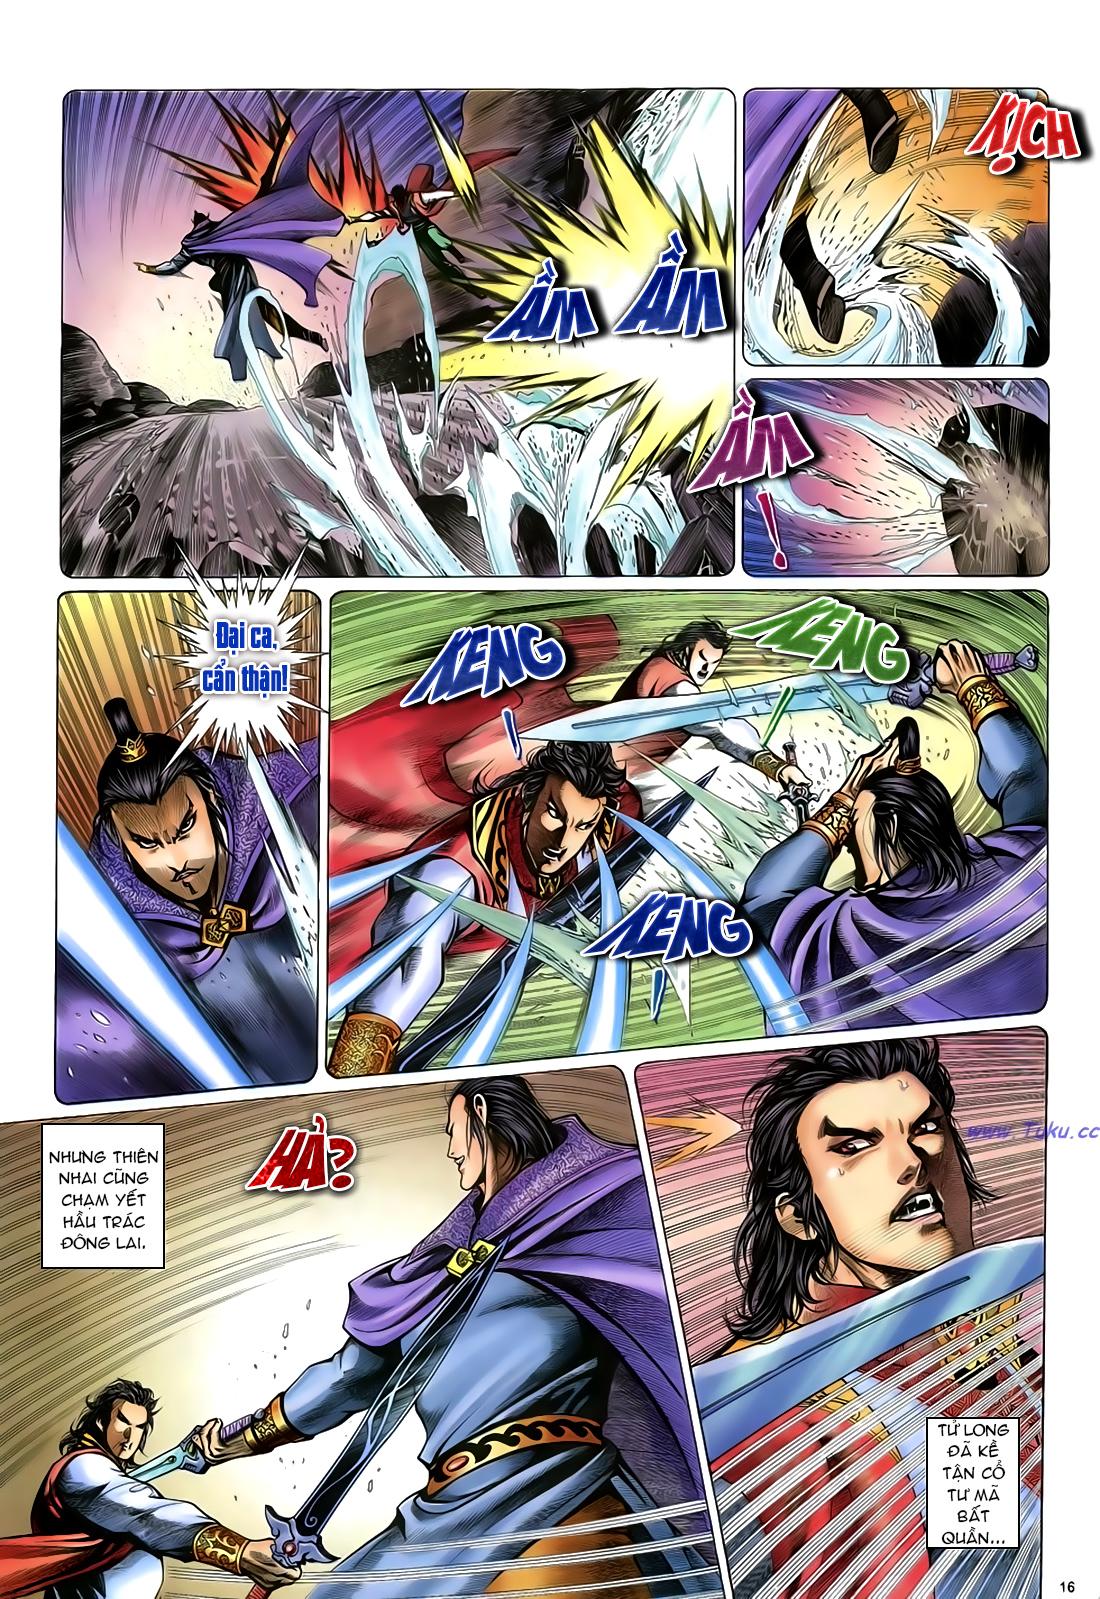 Anh hùng vô lệ Chap 24 trang 17